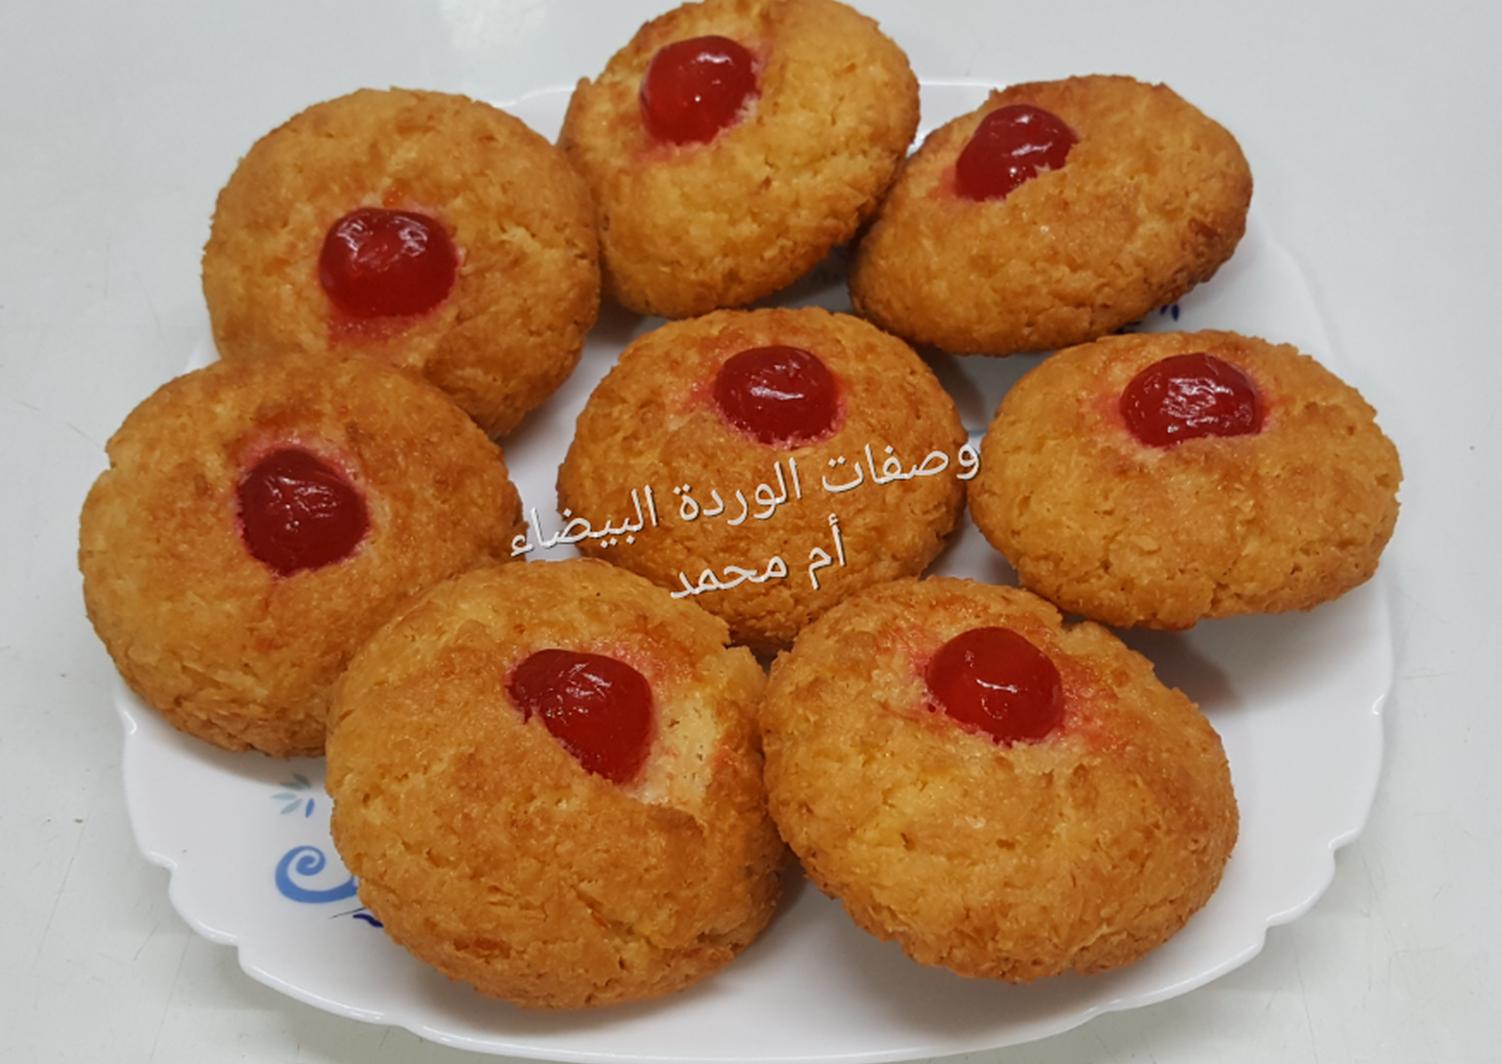 اقراص جوز الهند المقرمشة بالصور من وصفات أم محمد الوردة البيضاء 1 Recipe Food Biscuits Breakfast